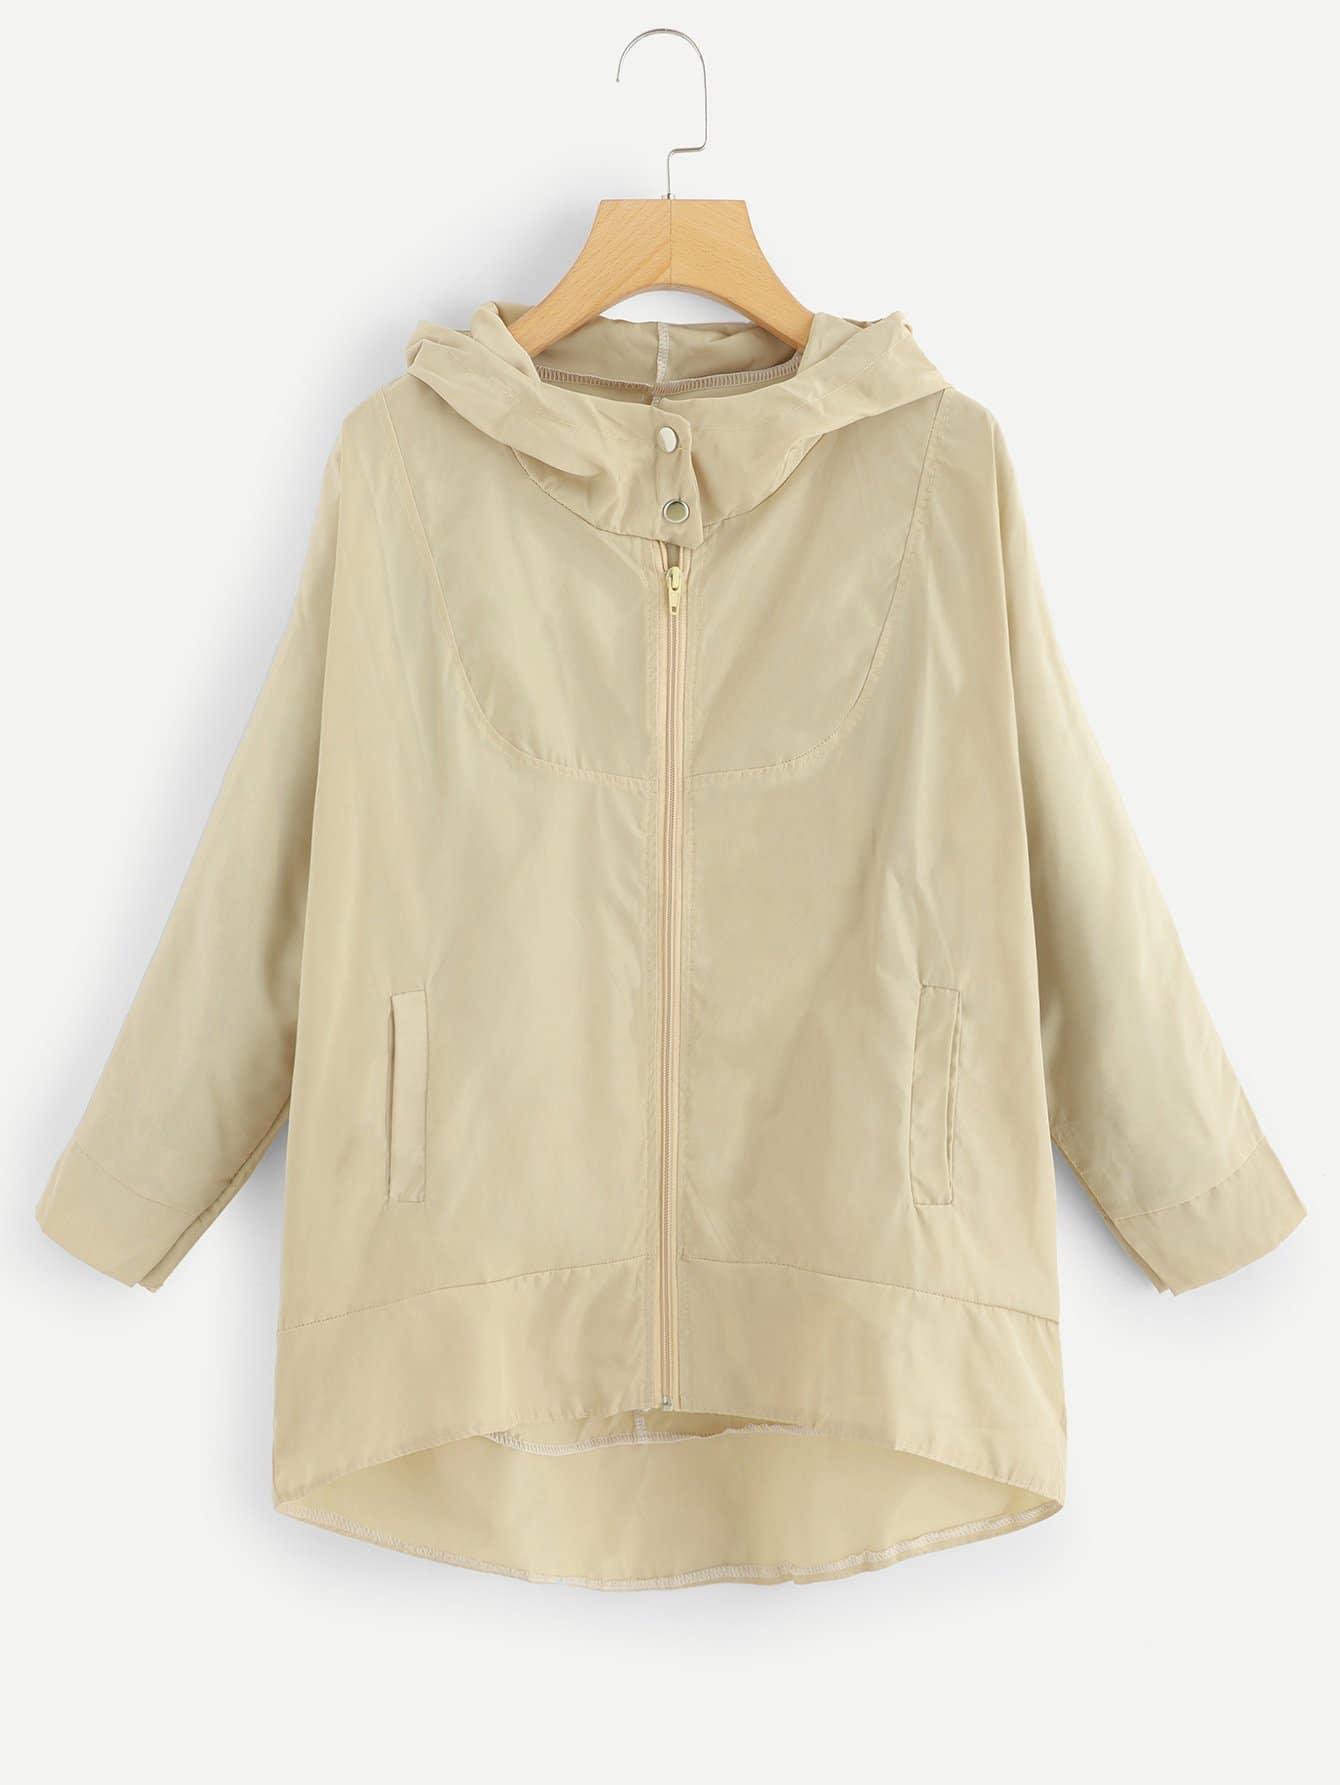 Mantel mit abfallendem Saum und Reißverschluss